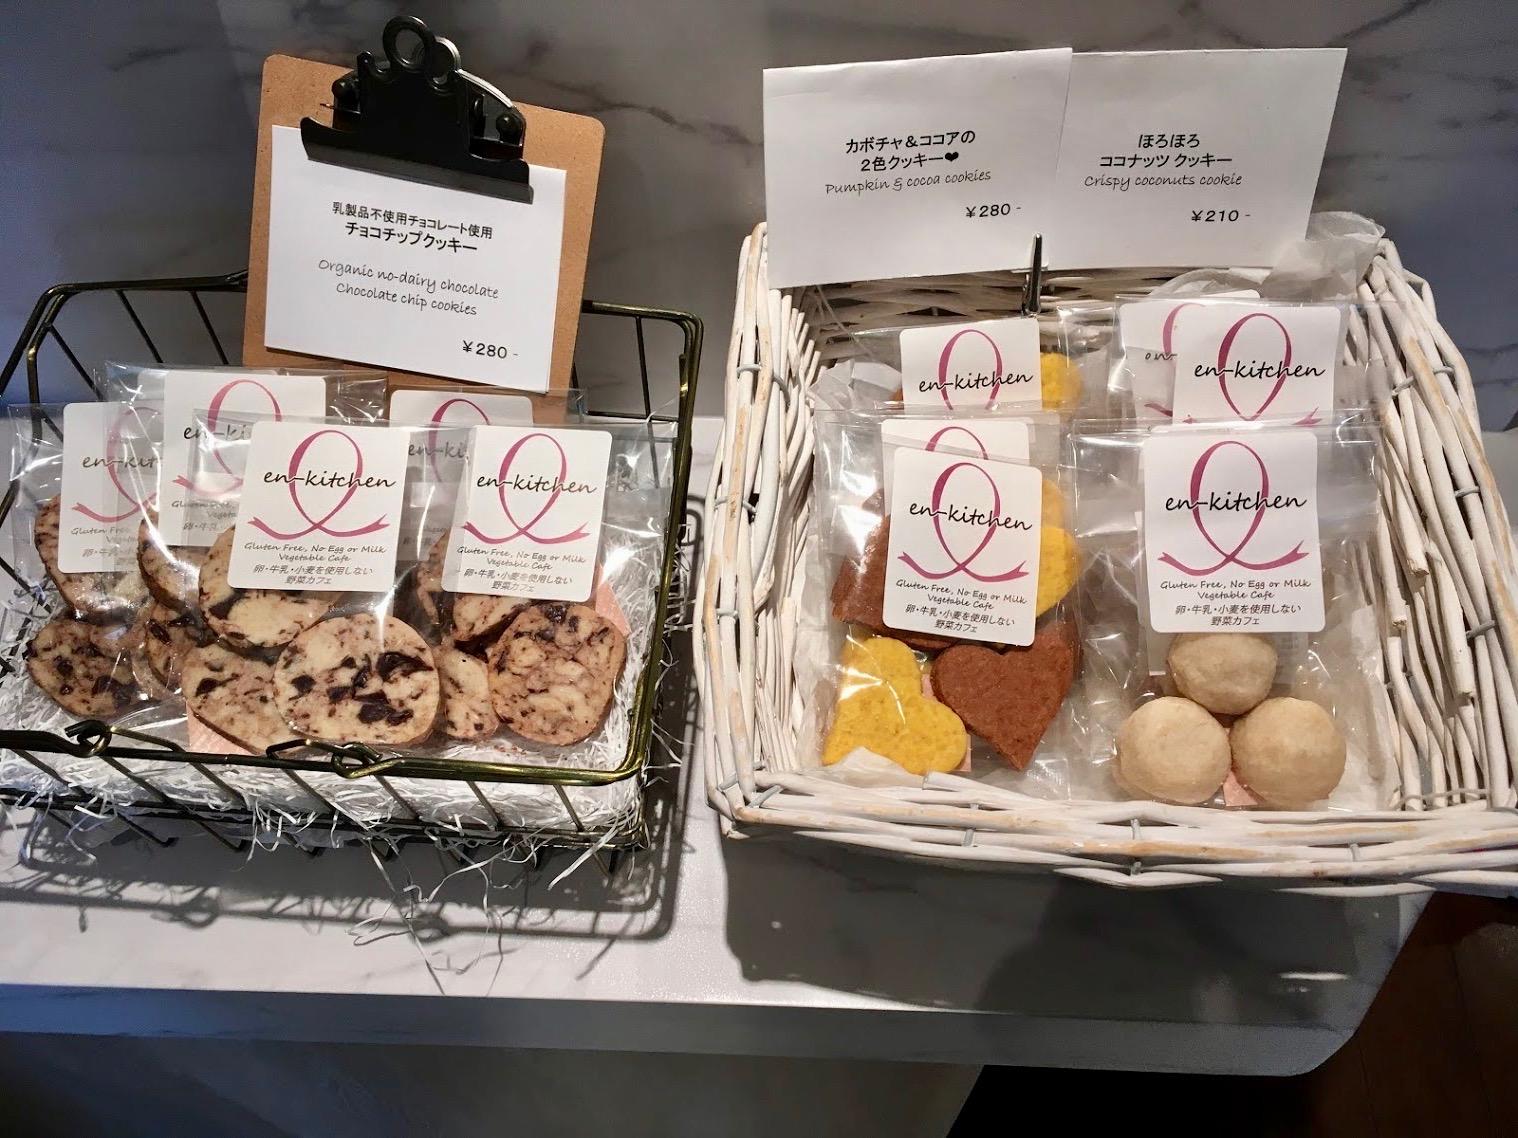 卵、牛乳、小麦粉を使わない野菜カフェ、東別院「en-kitchen cafe」 - IMG 7076